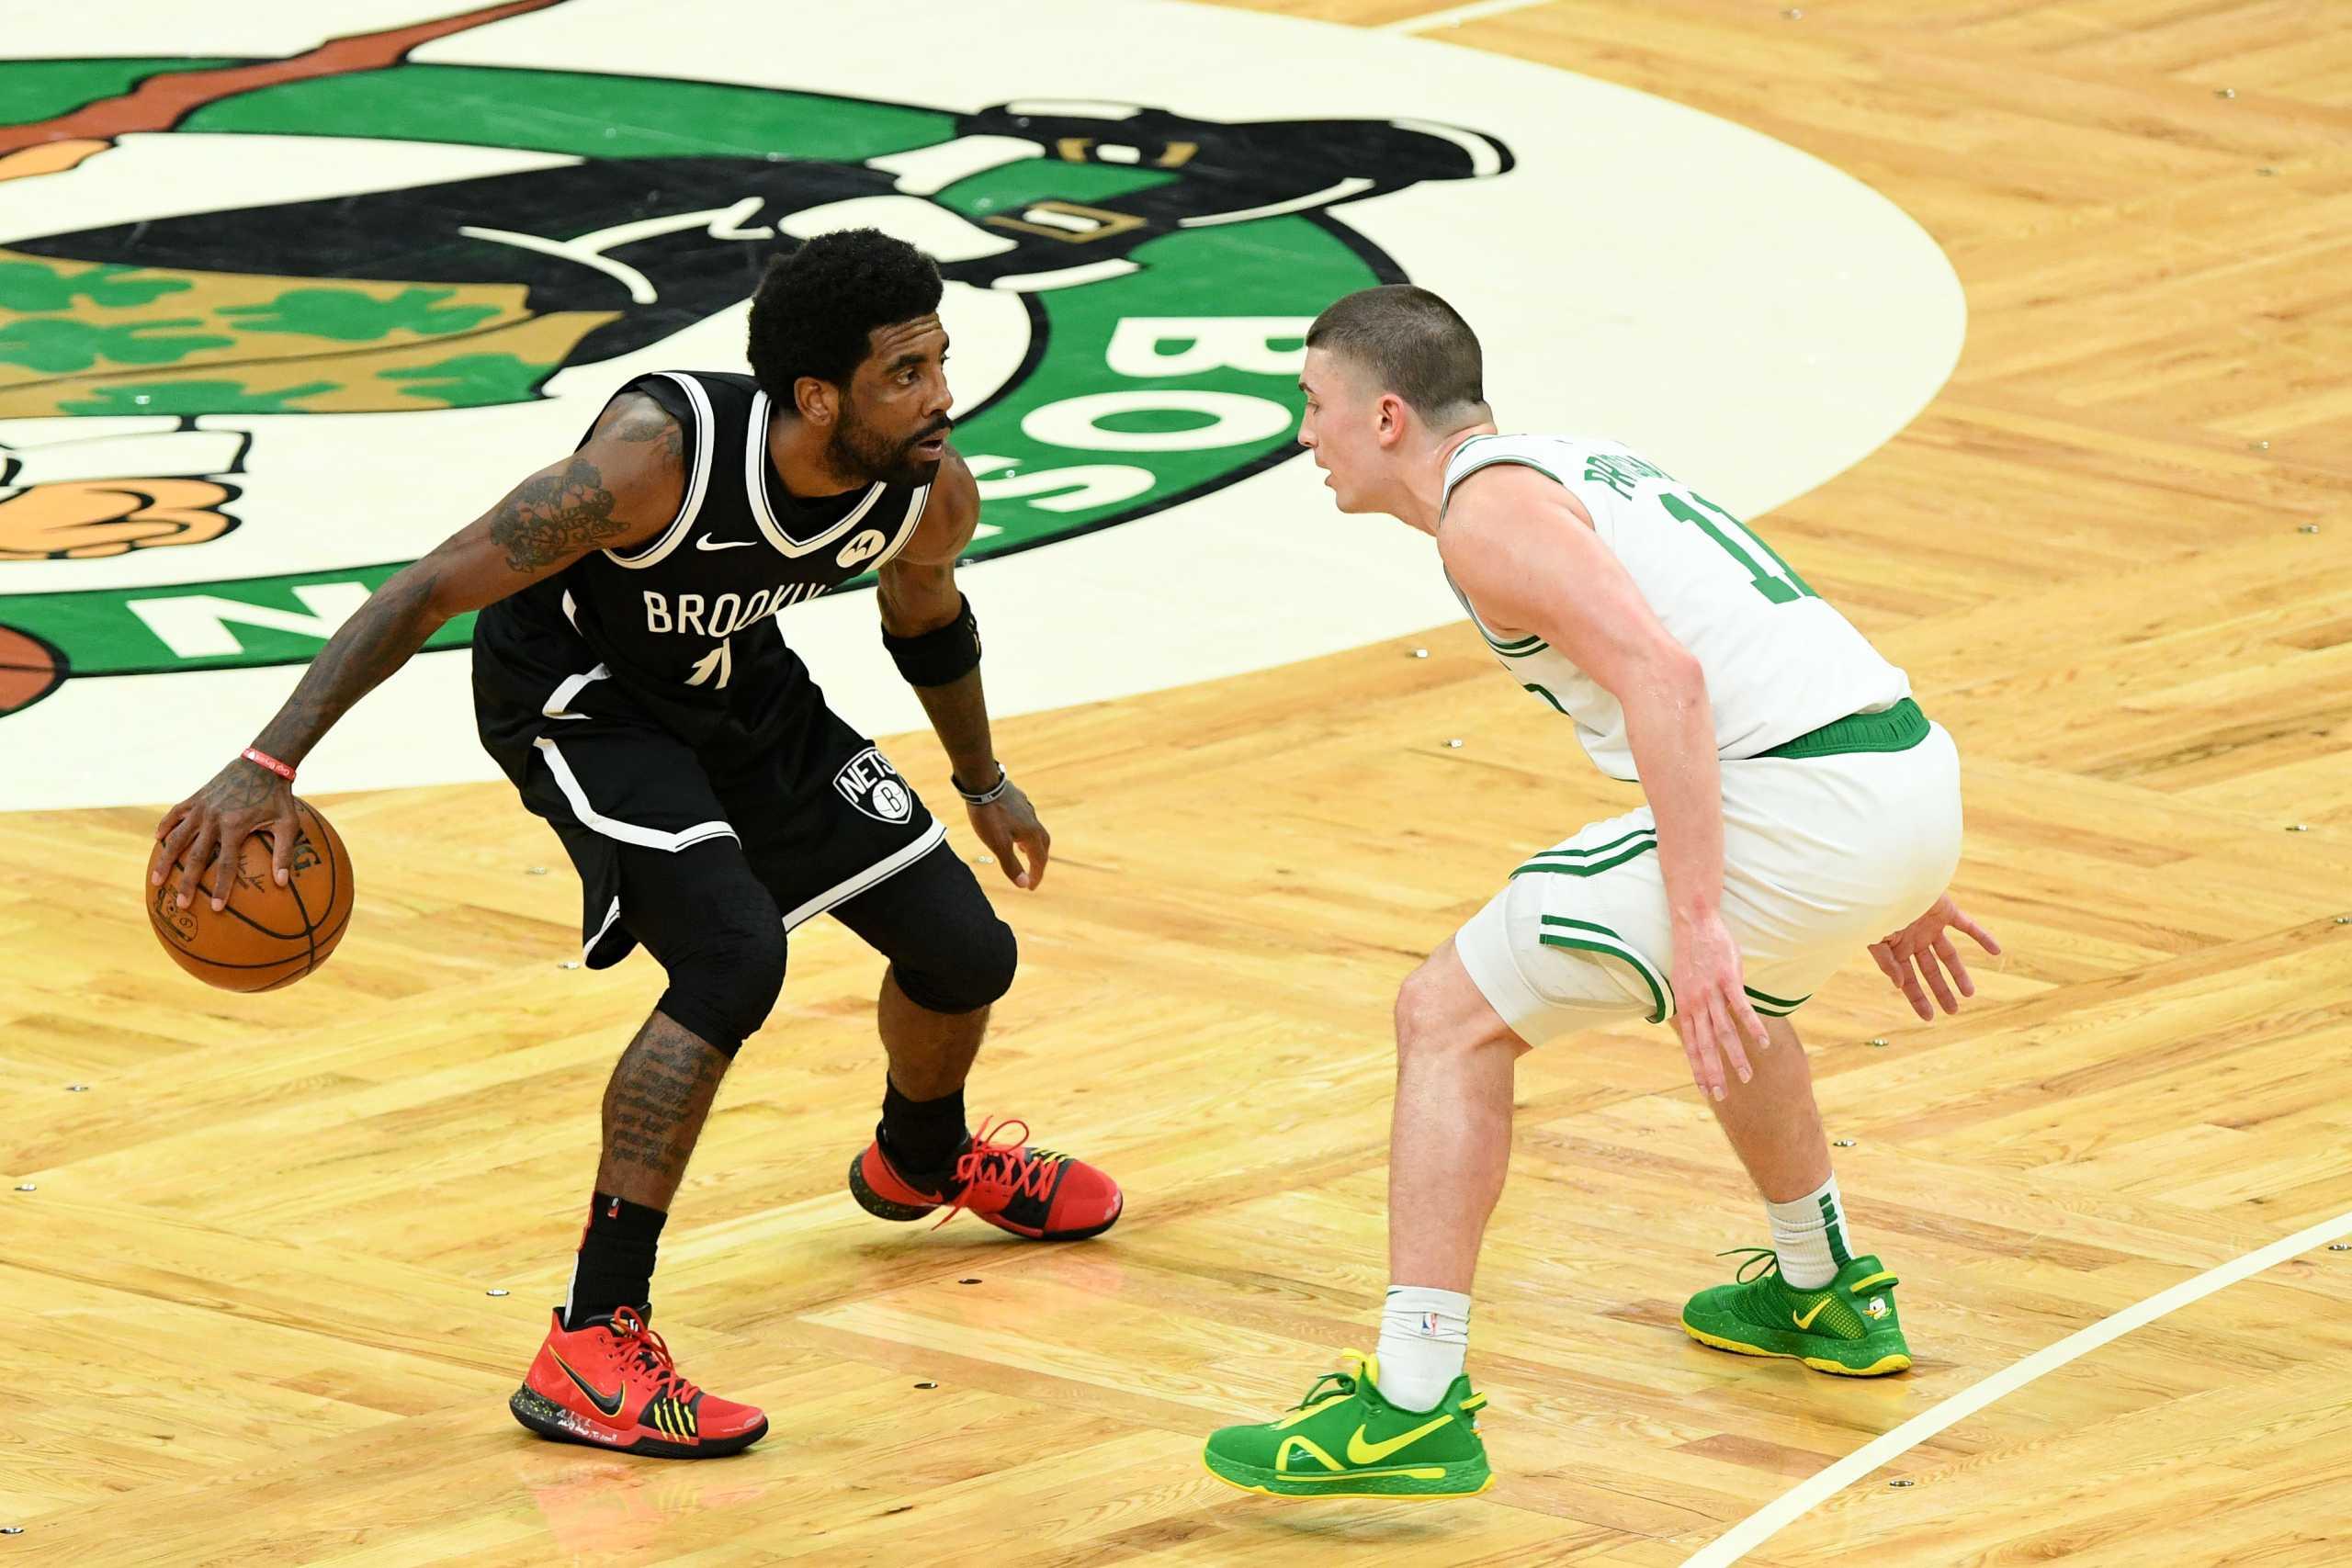 Μια «ανάσα» από την πρόκριση Νετς και Χοκς – Τα αποτελέσματα στο NBA